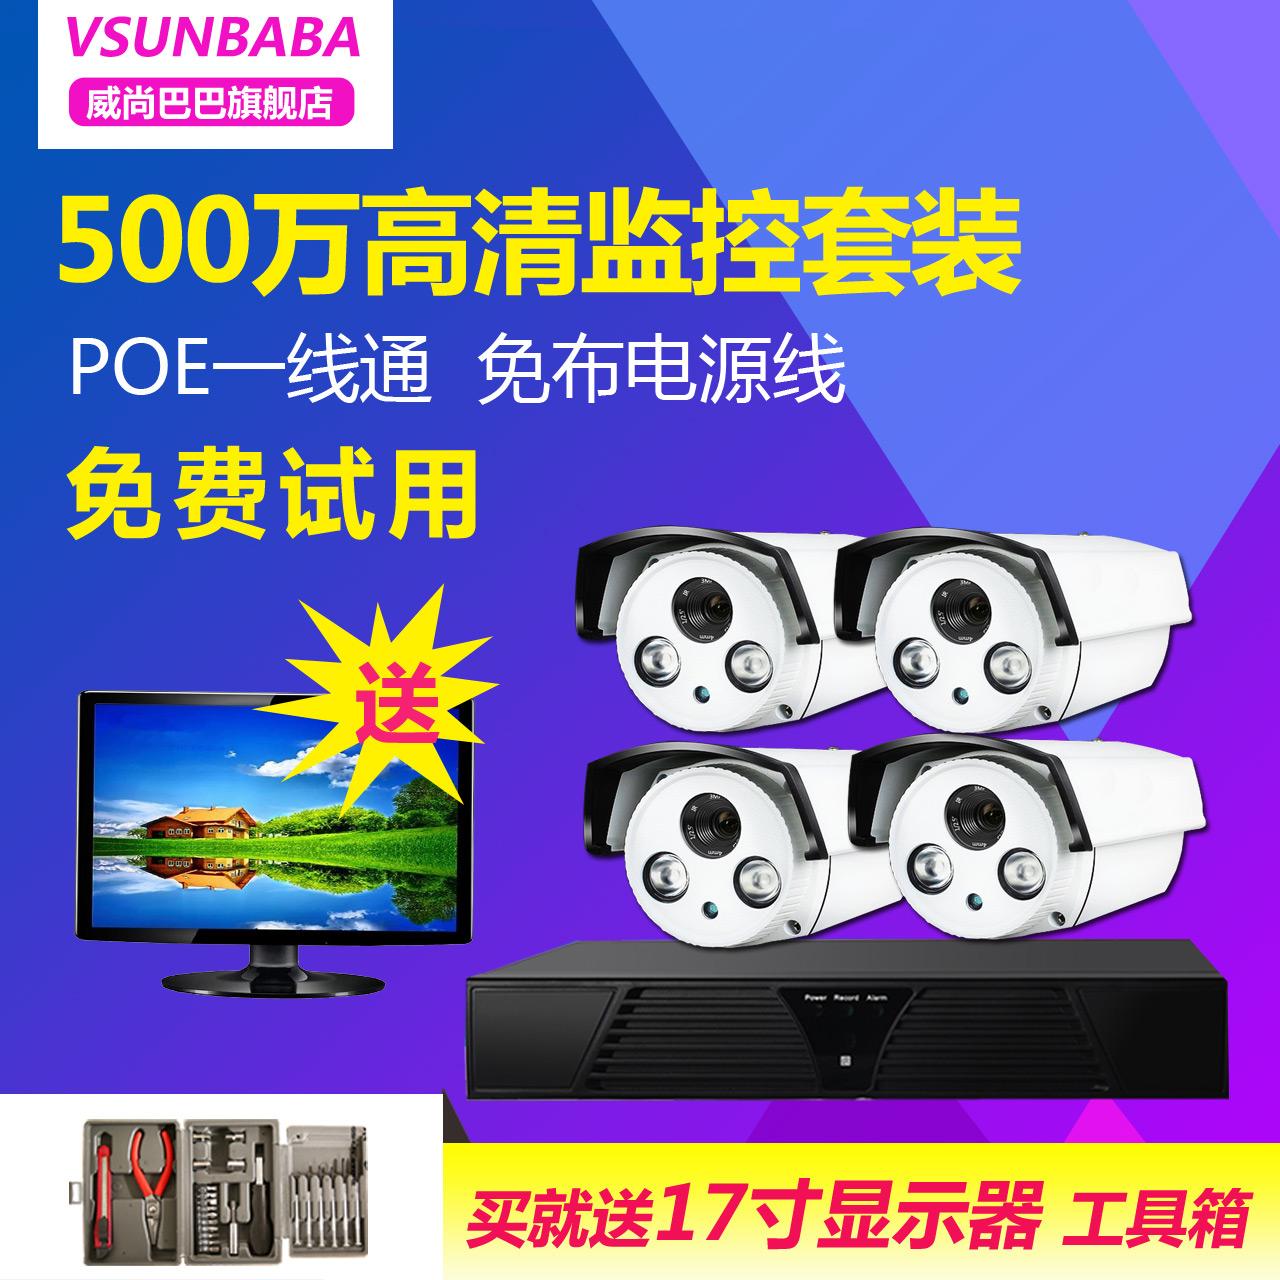 بو 500 مليون جهاز رصد مجموعة المنزلية آلة واحدة 4 لو رقمية عالية الوضوح كاميرا ويب ماركت 905